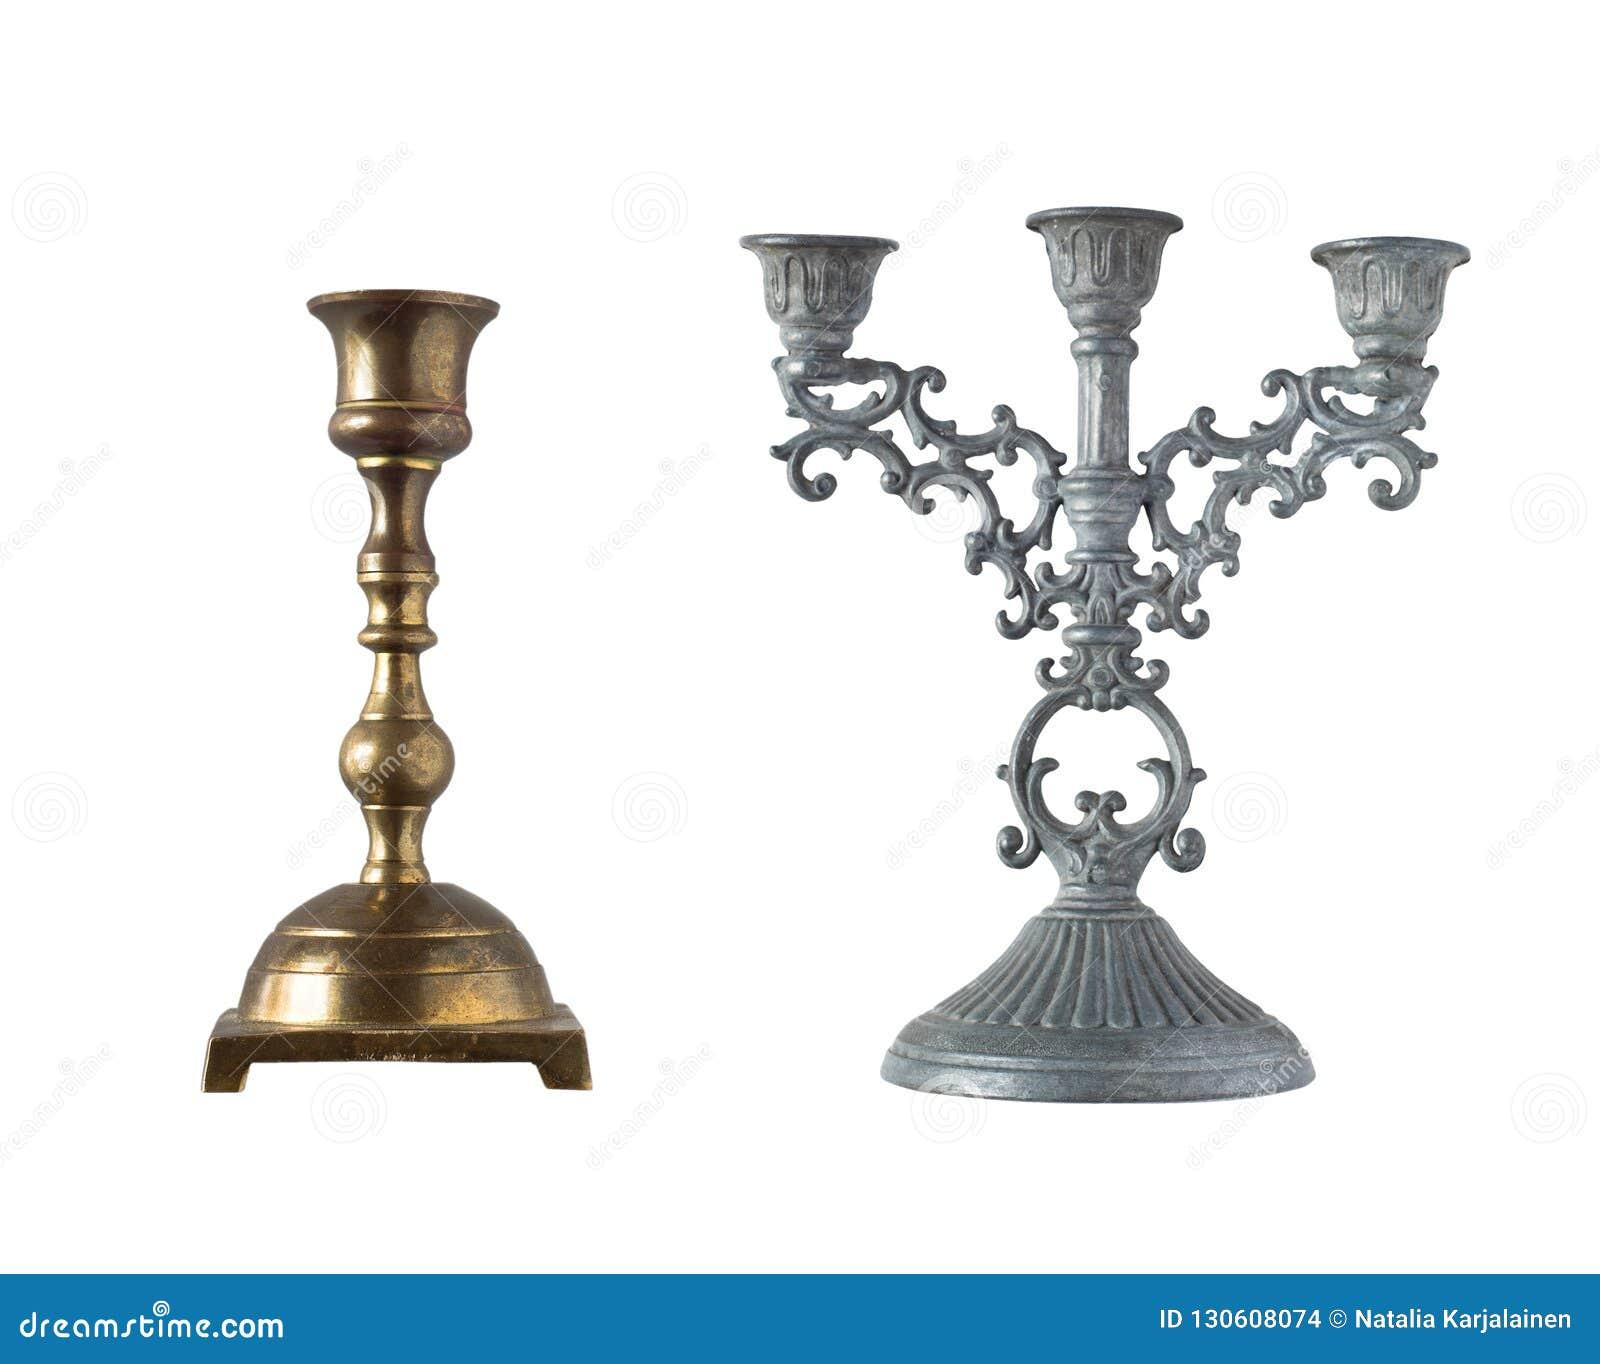 Retro candlesticks isolated on white background.